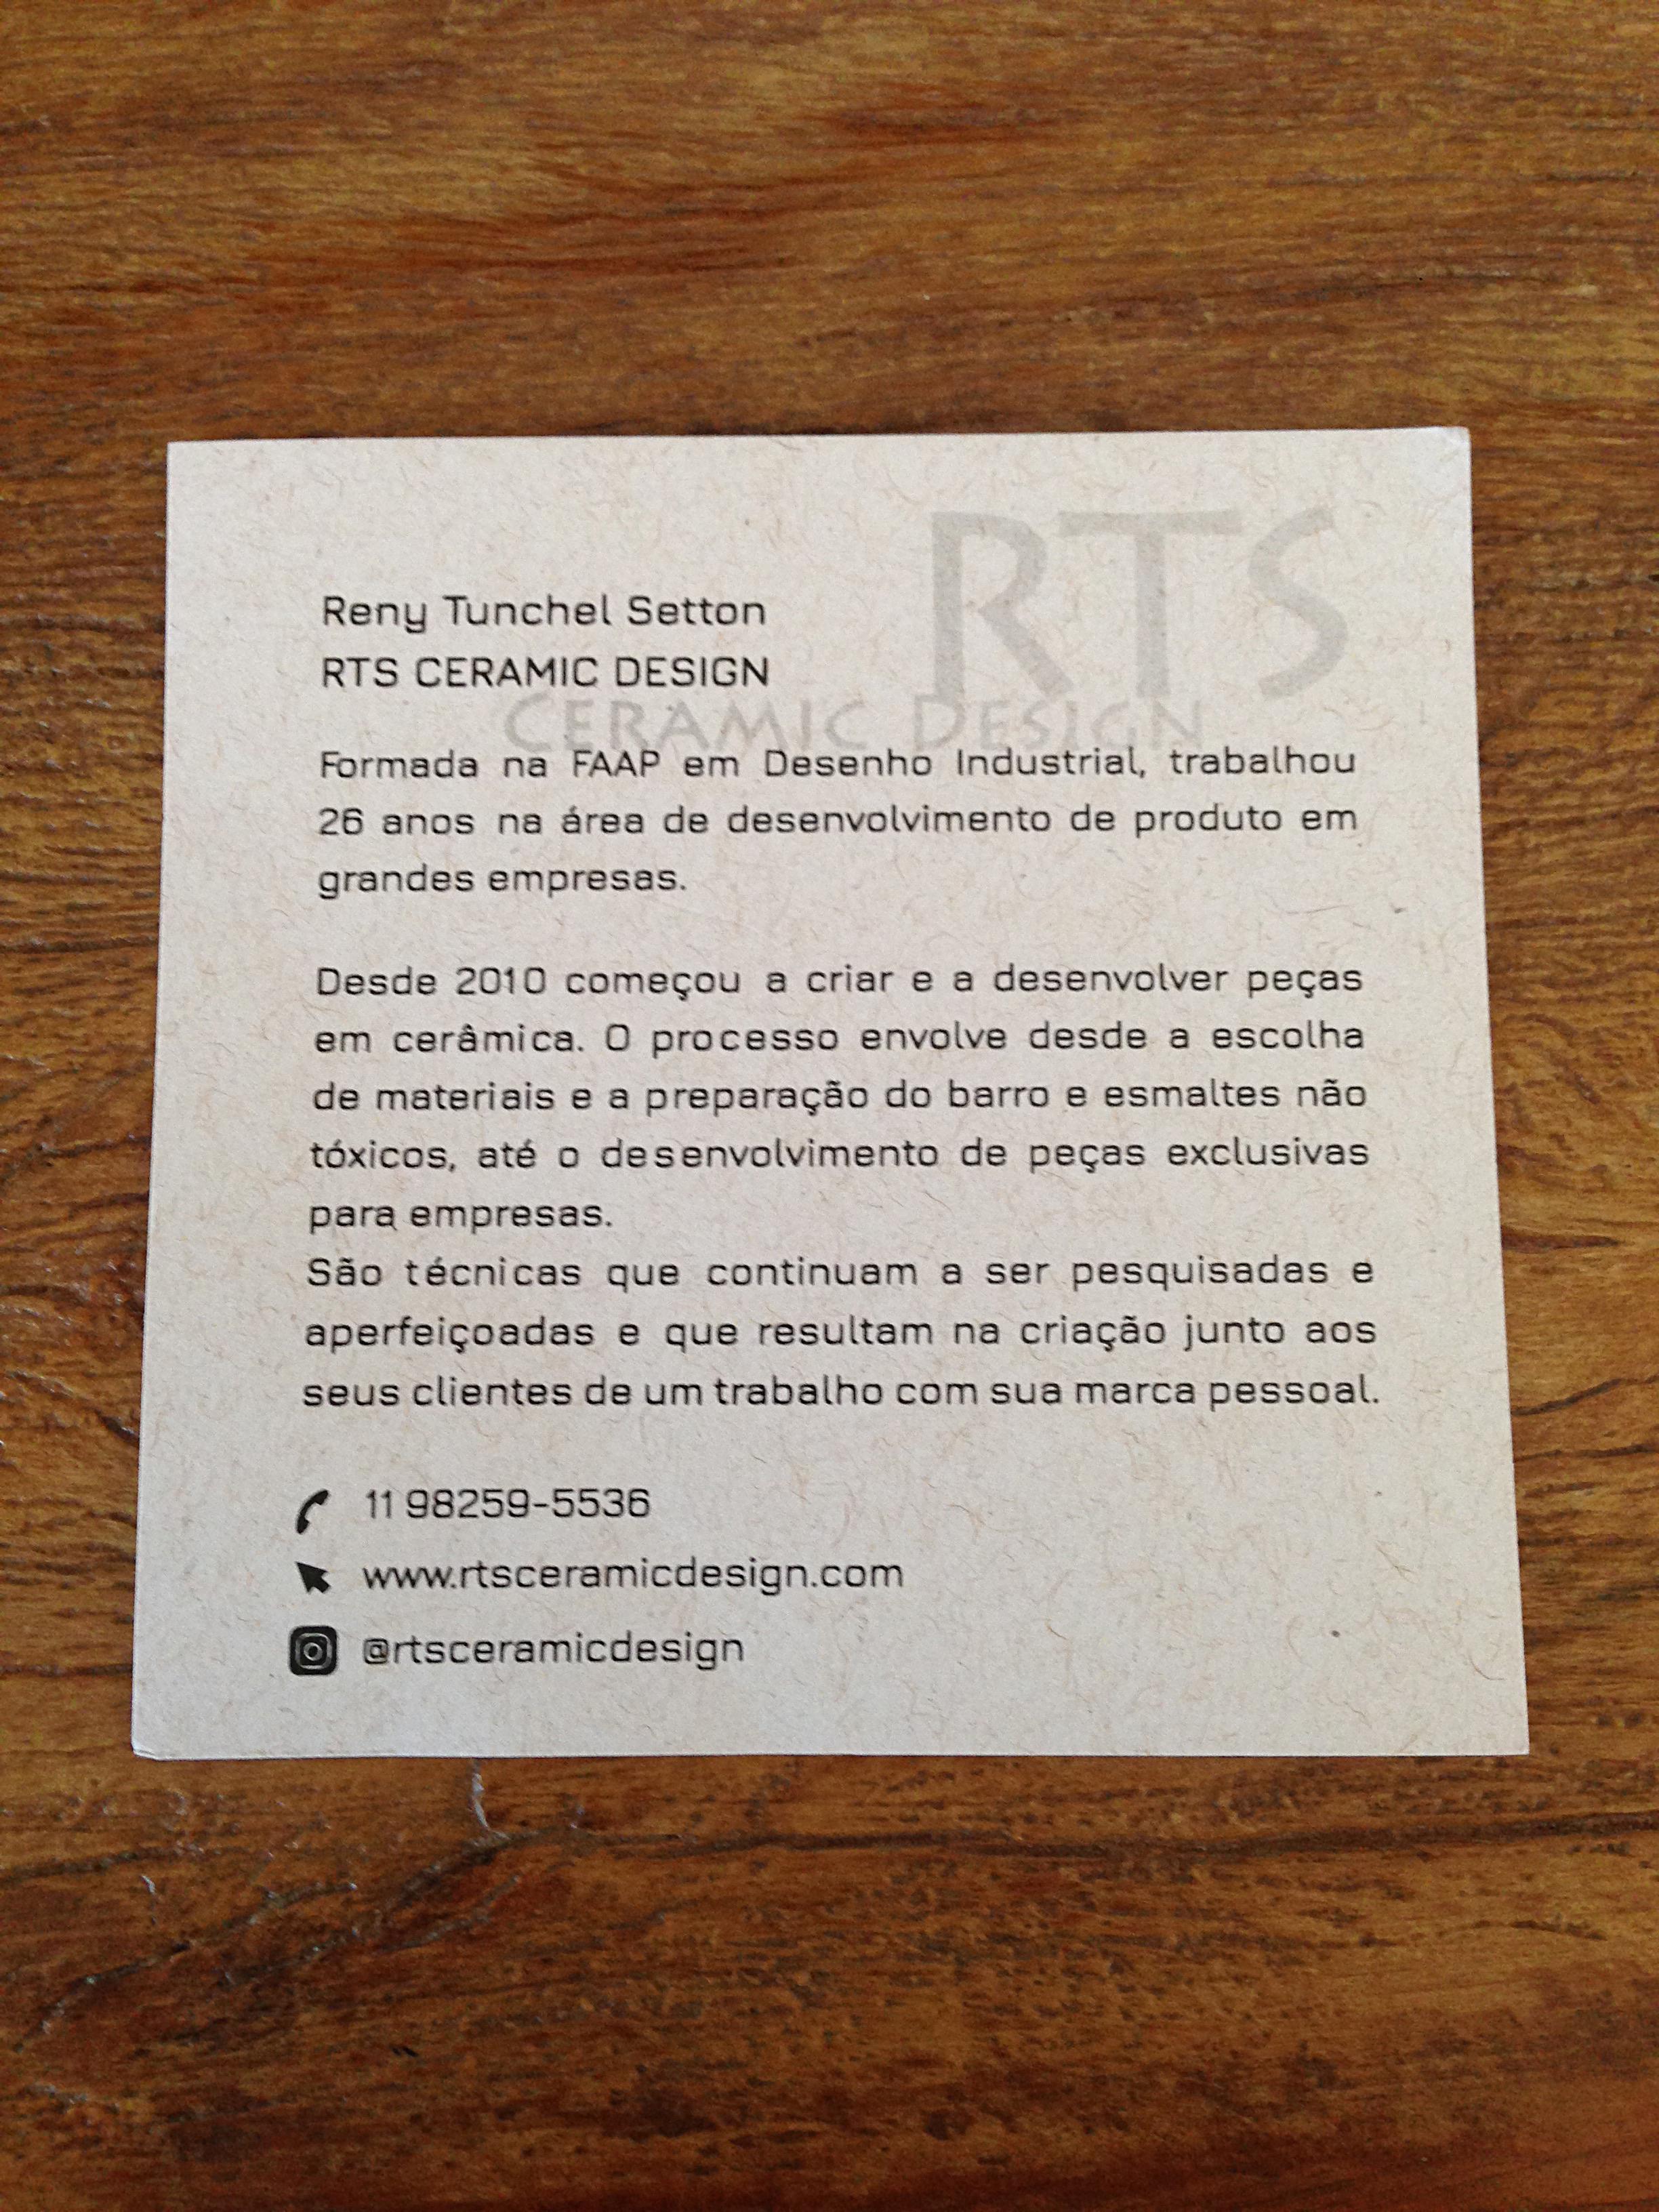 RTS Ceramic Design